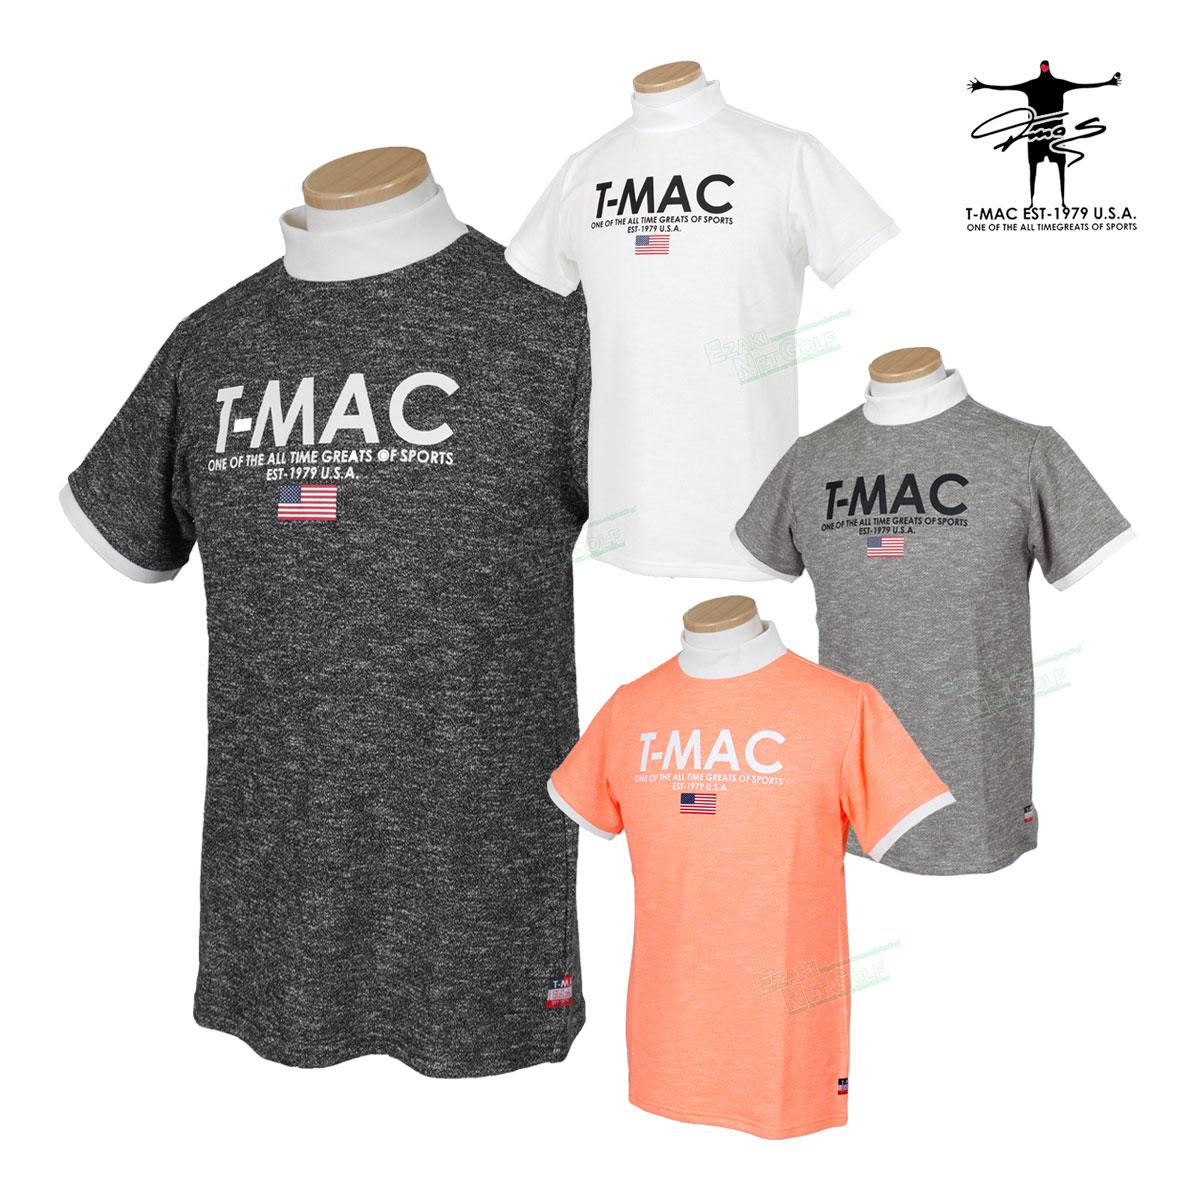 T-MAC GOLF ティーマック 2020春夏モデルウエア 半袖シャツ NP74M 【あす楽対応】